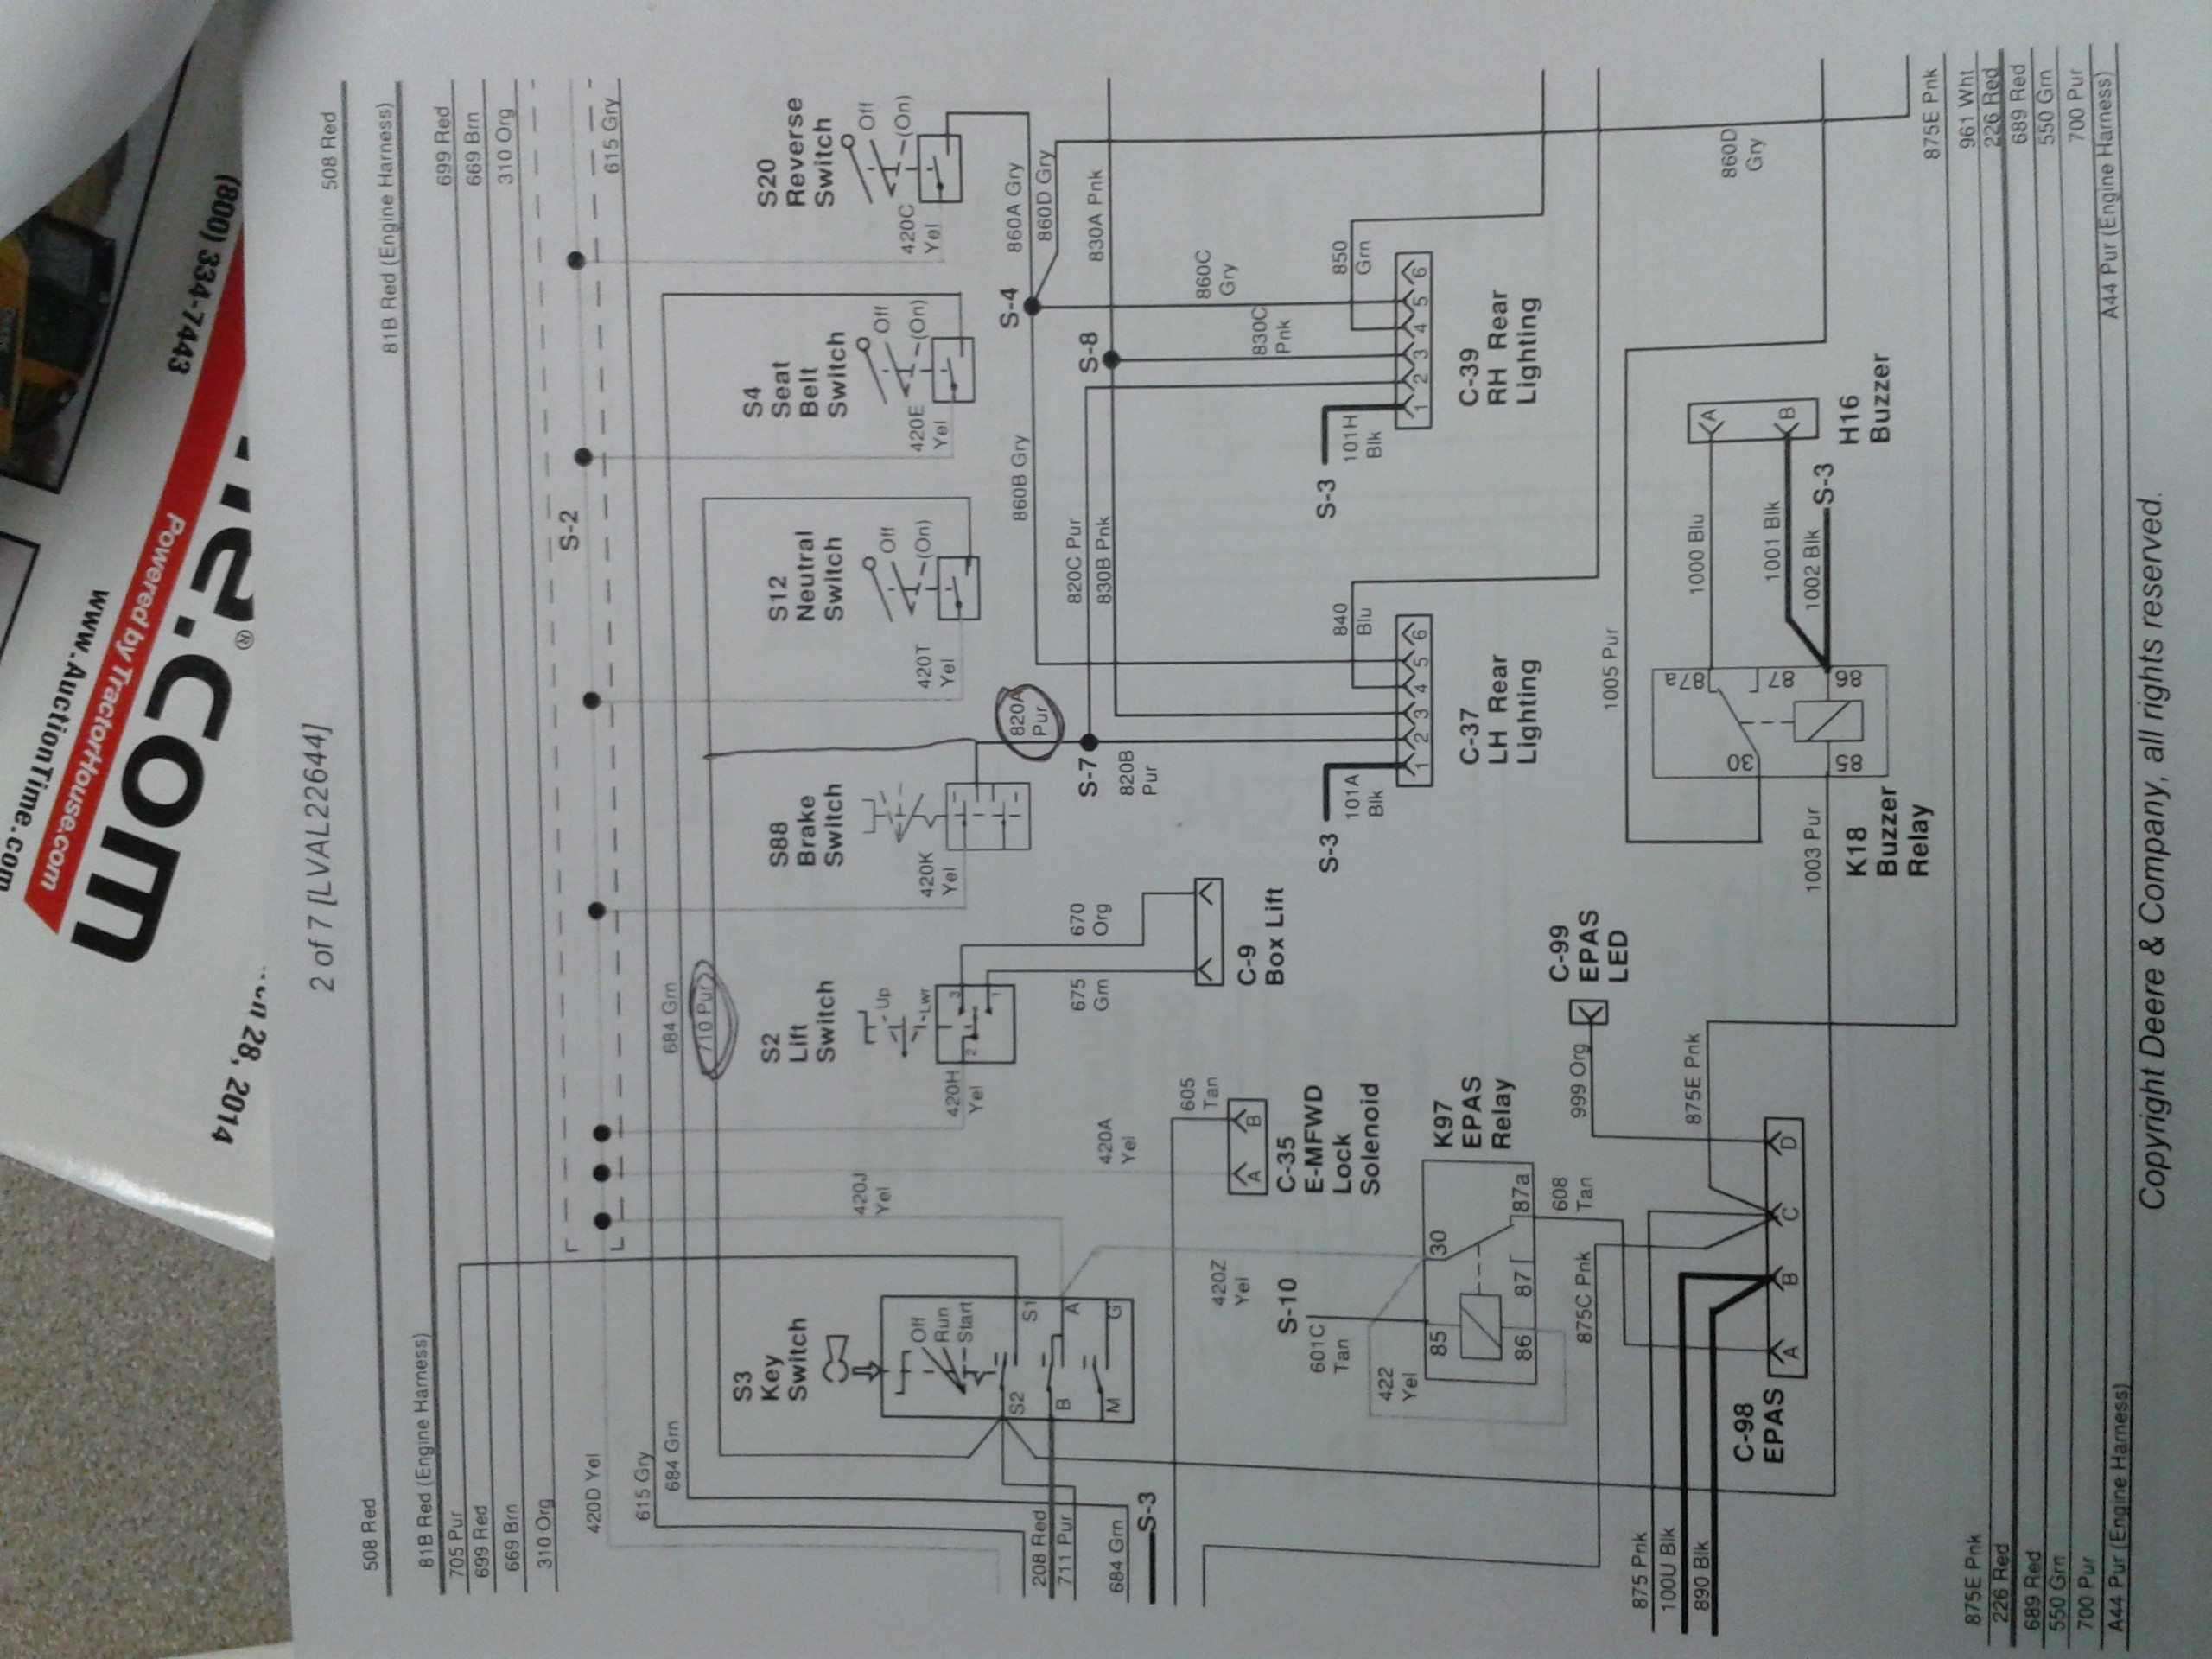 1978 John Deere Gator Electrical Diagram Bdf5 John Deere Amt 626 Wiring Diagram Of 1978 John Deere Gator Electrical Diagram